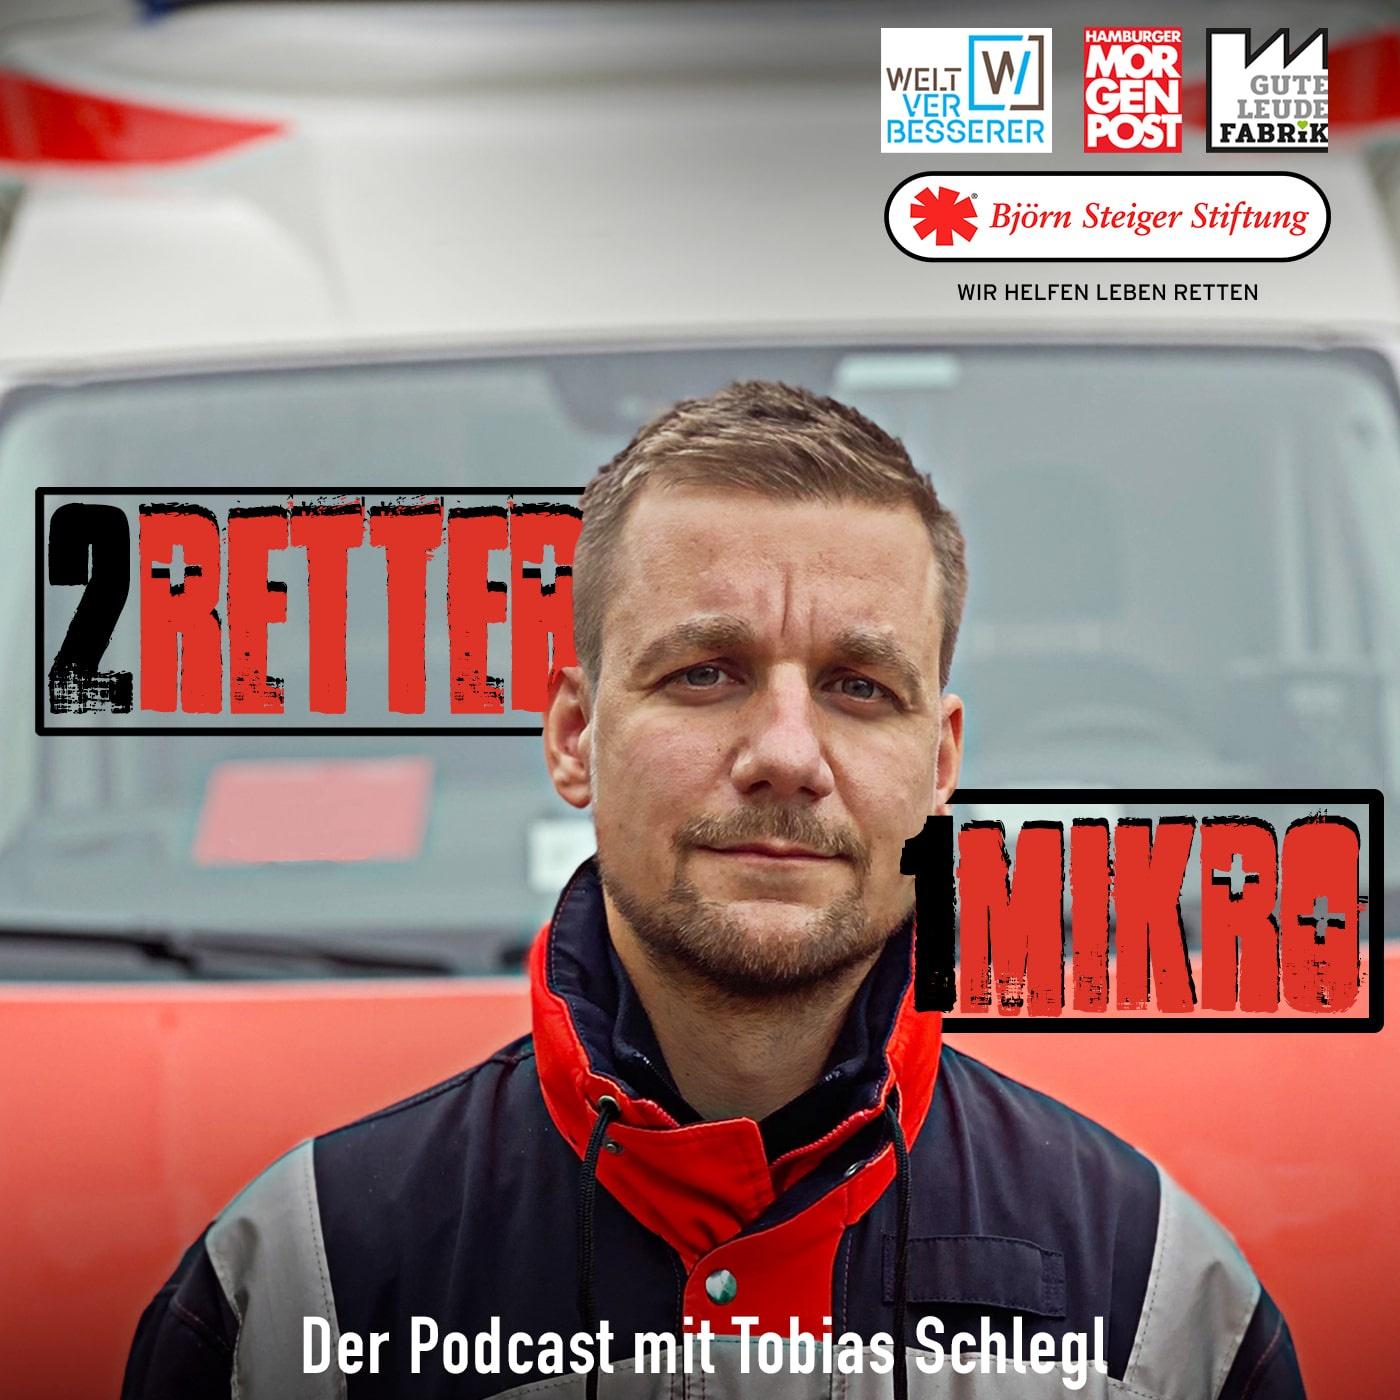 Folge 16 mit Arzt und Entertainer Eckart von Hirschhausen